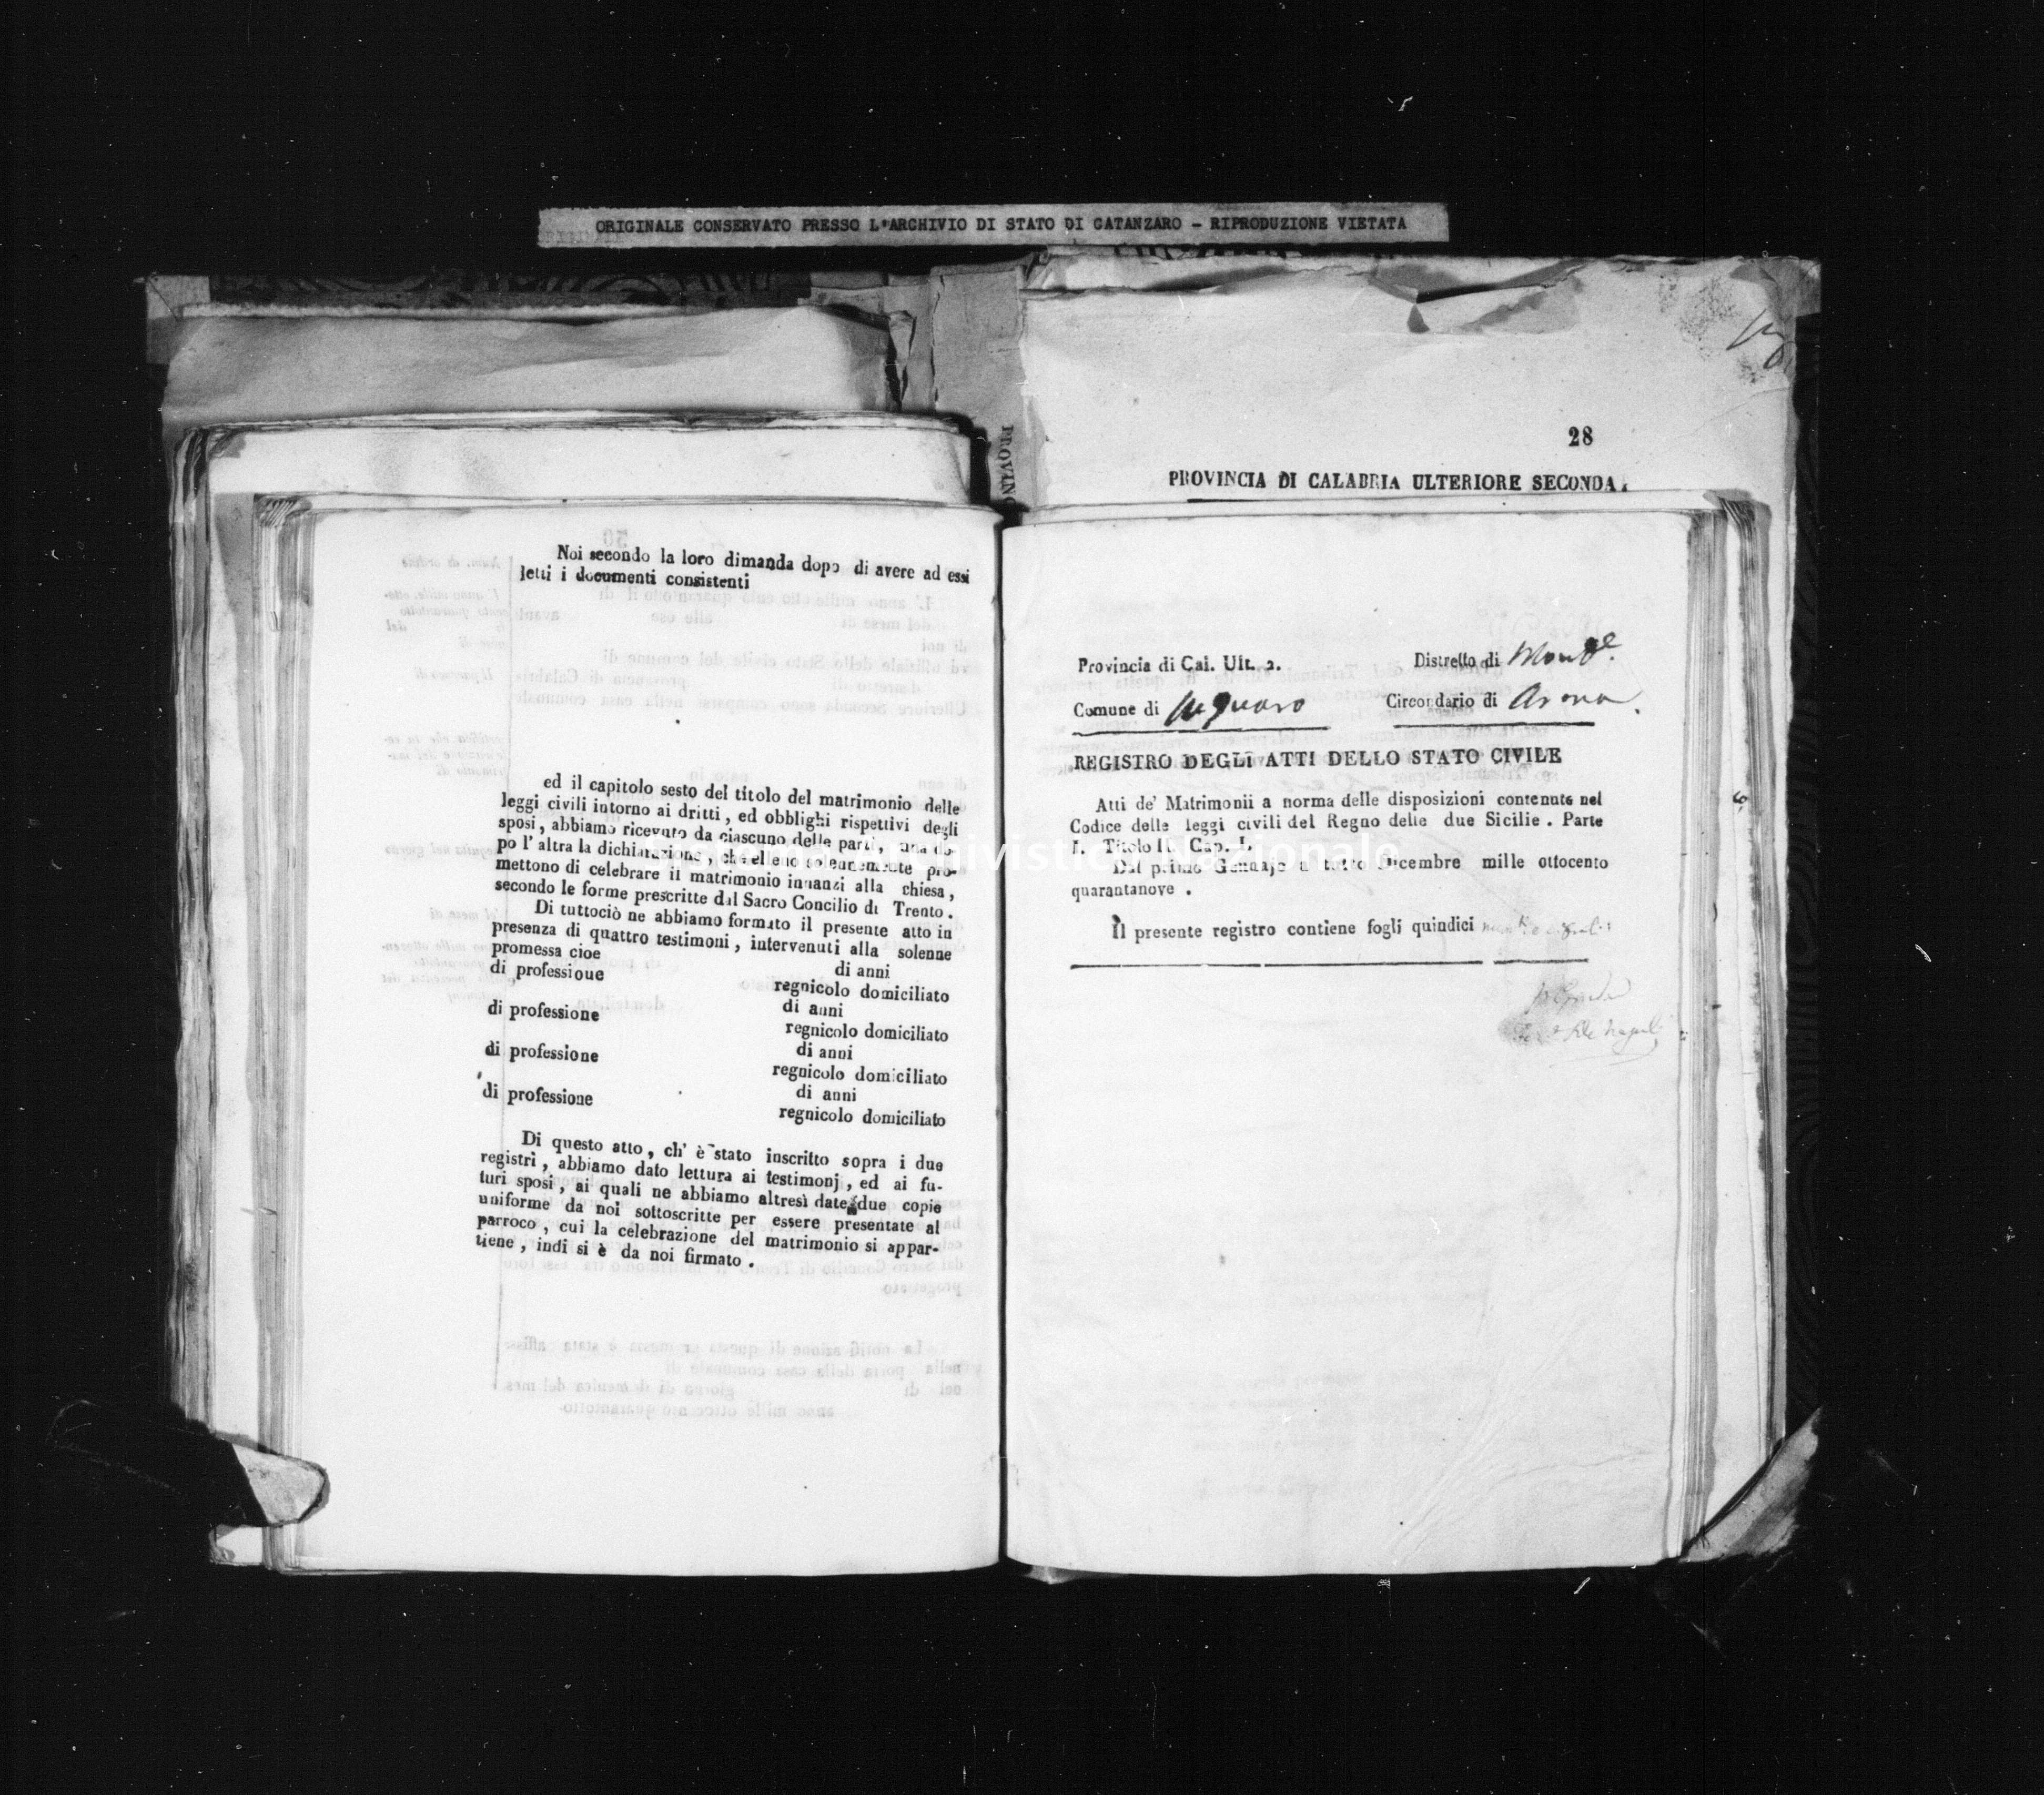 Archivio di stato di Catanzaro - Stato civile della restaurazione - Acquaro - Matrimoni - 1849 -